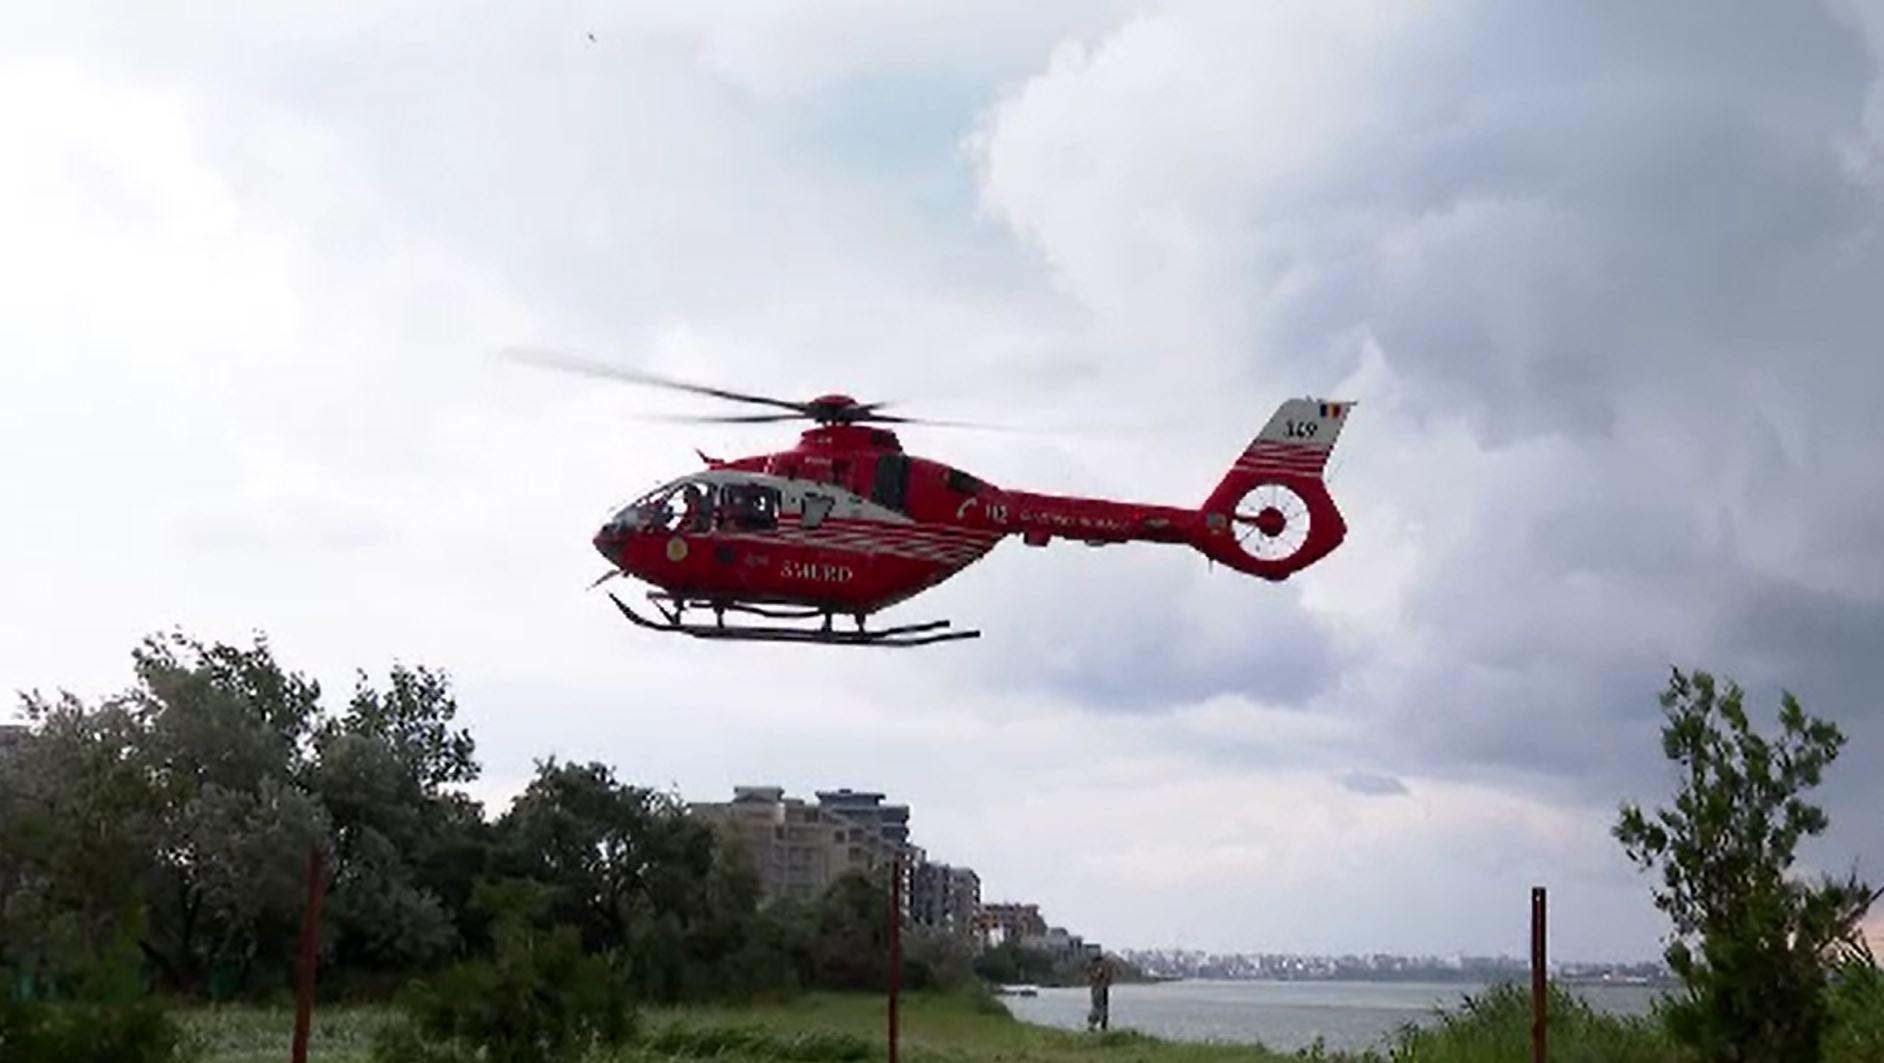 Alertă în Mamaia, după ce un velier cu trei persoane la bord s-a răsturnat